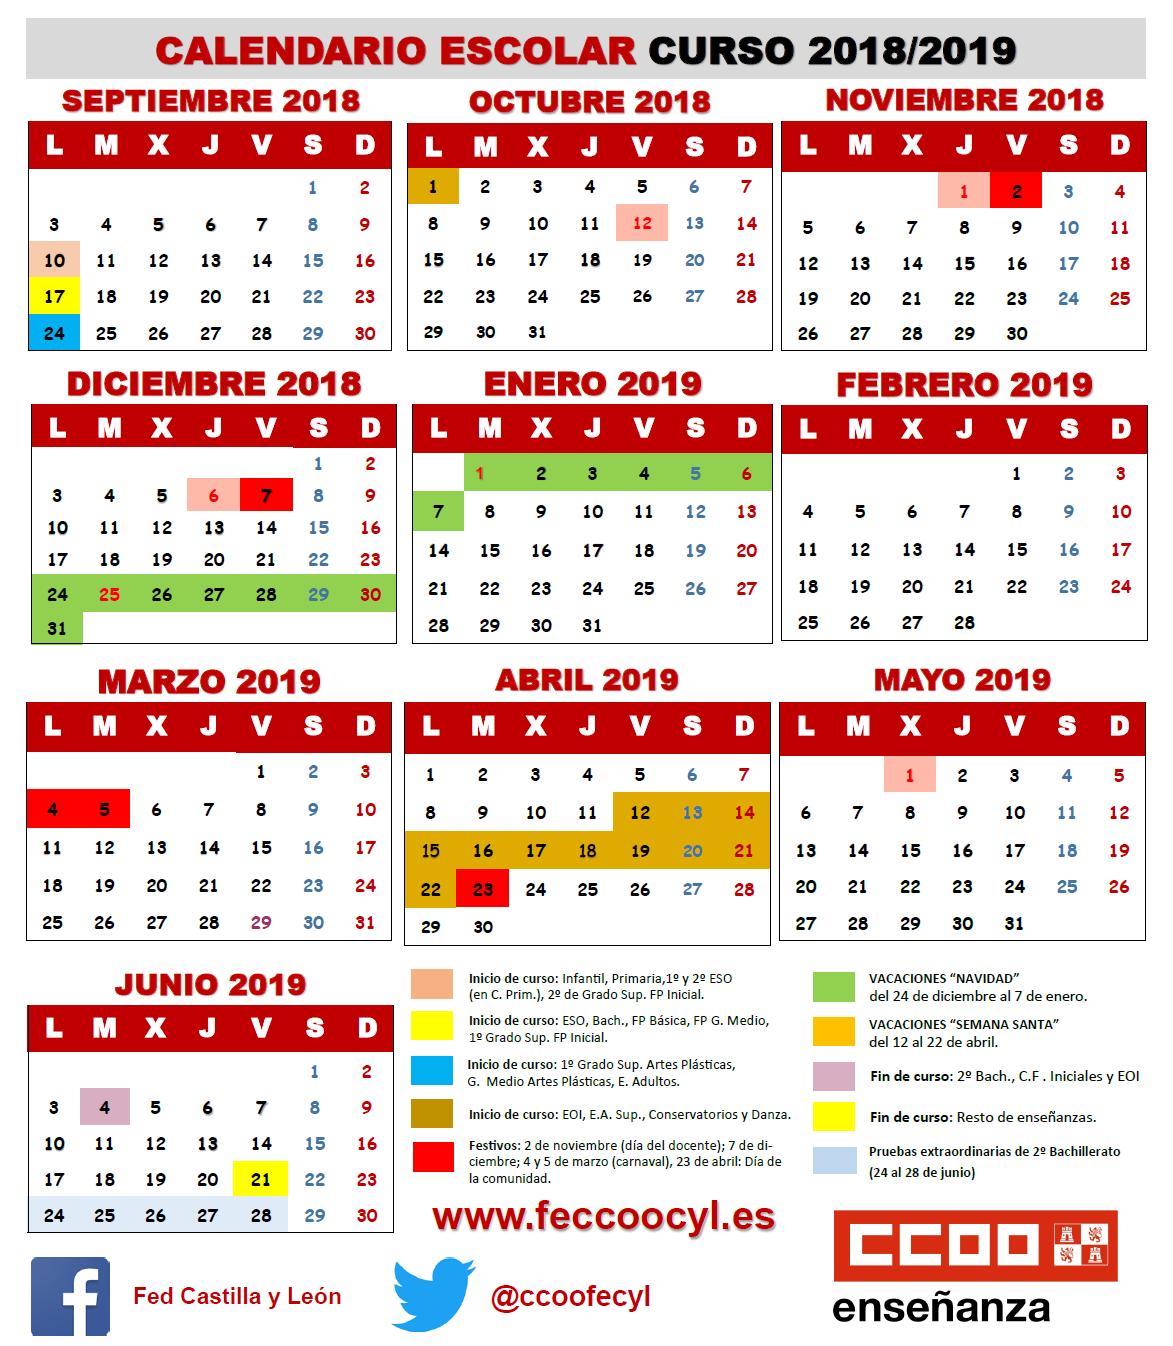 Calendario Escolar Valladolid.Calendario Escolar 2018 2019 Feccoocyl